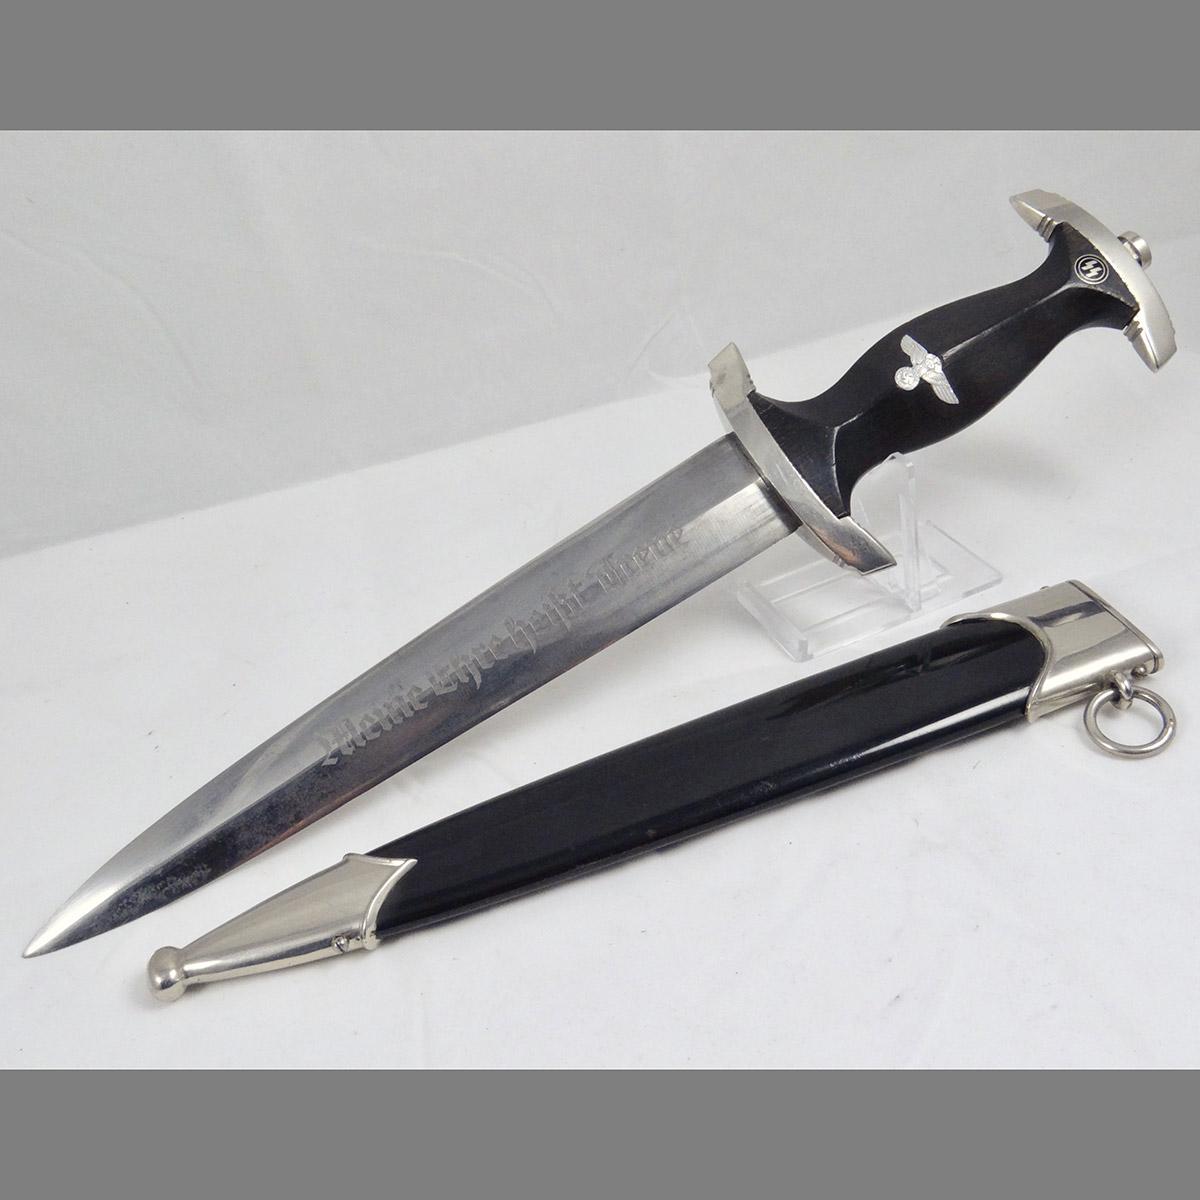 SS Dagger by Maker 941/39 (Carl Eickhorn)